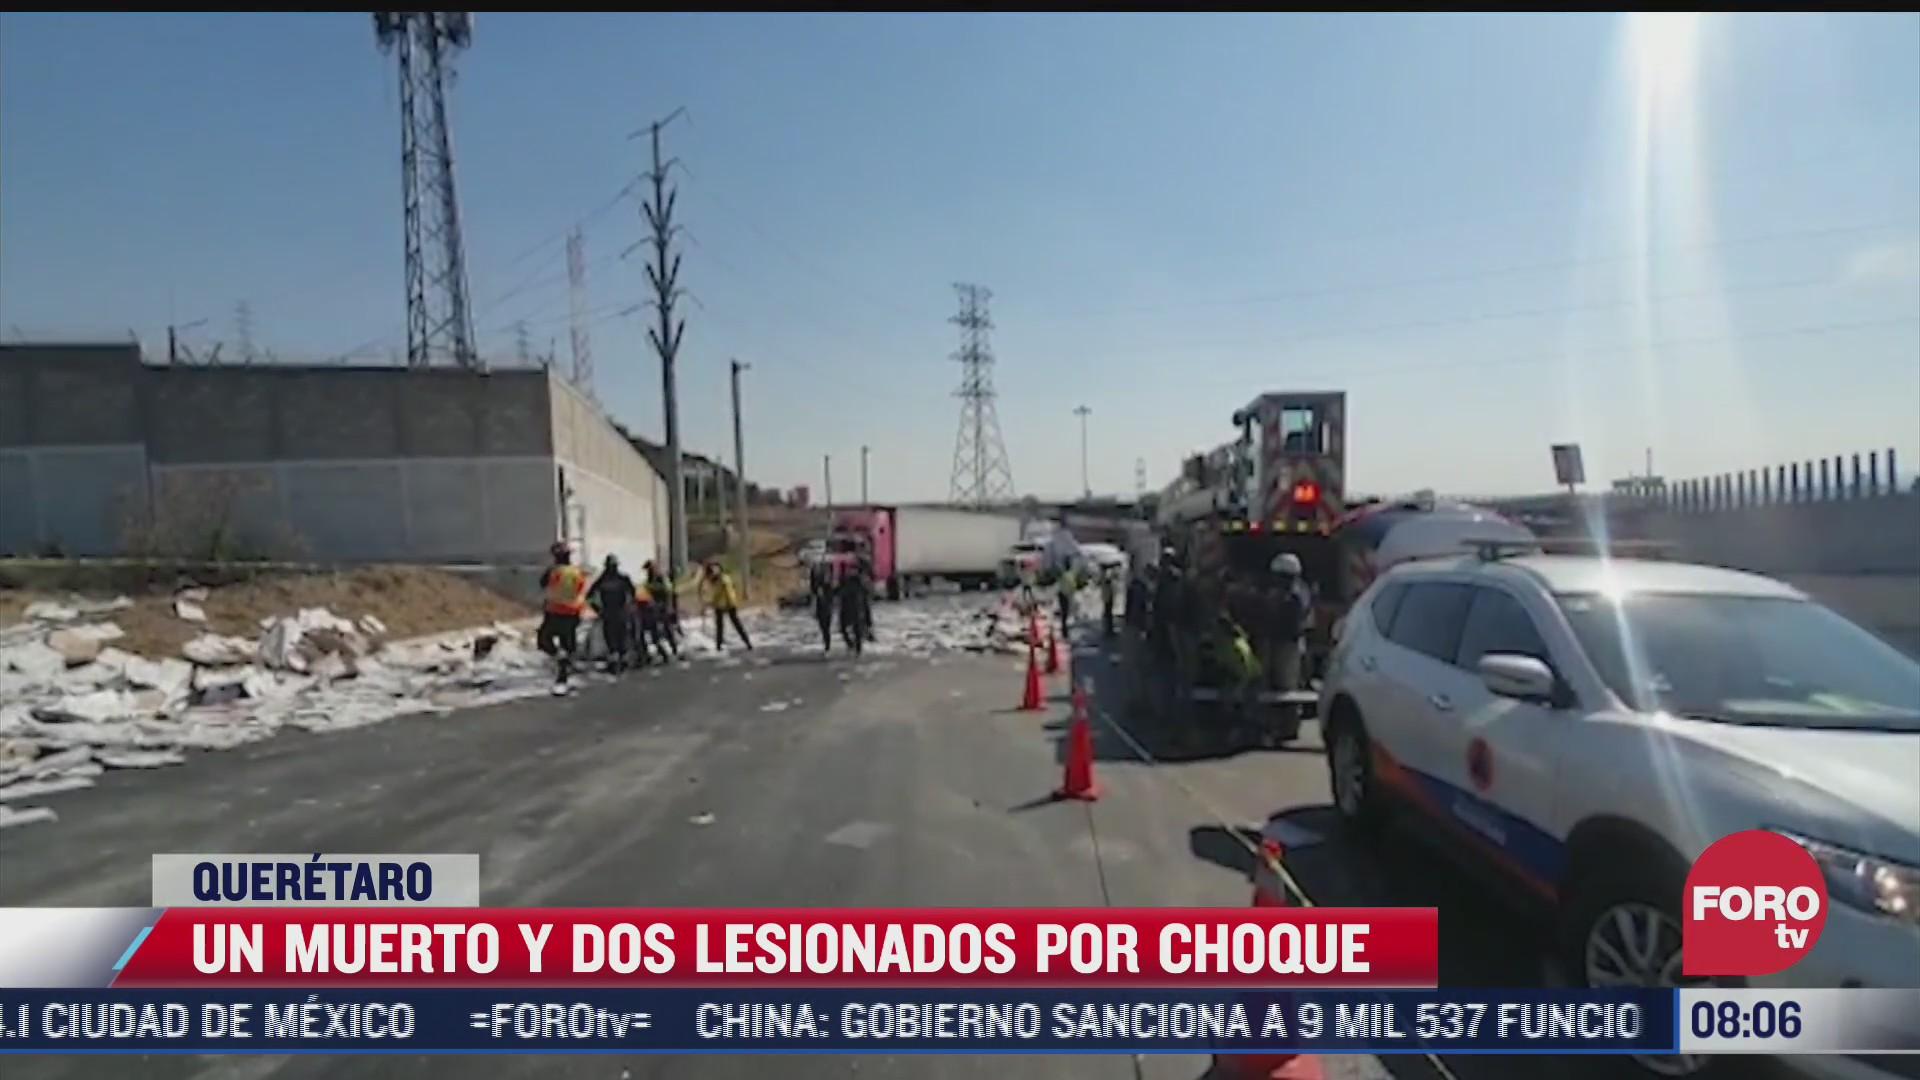 accidente en carretera mexico queretaro deja un muerto y dos lesionados